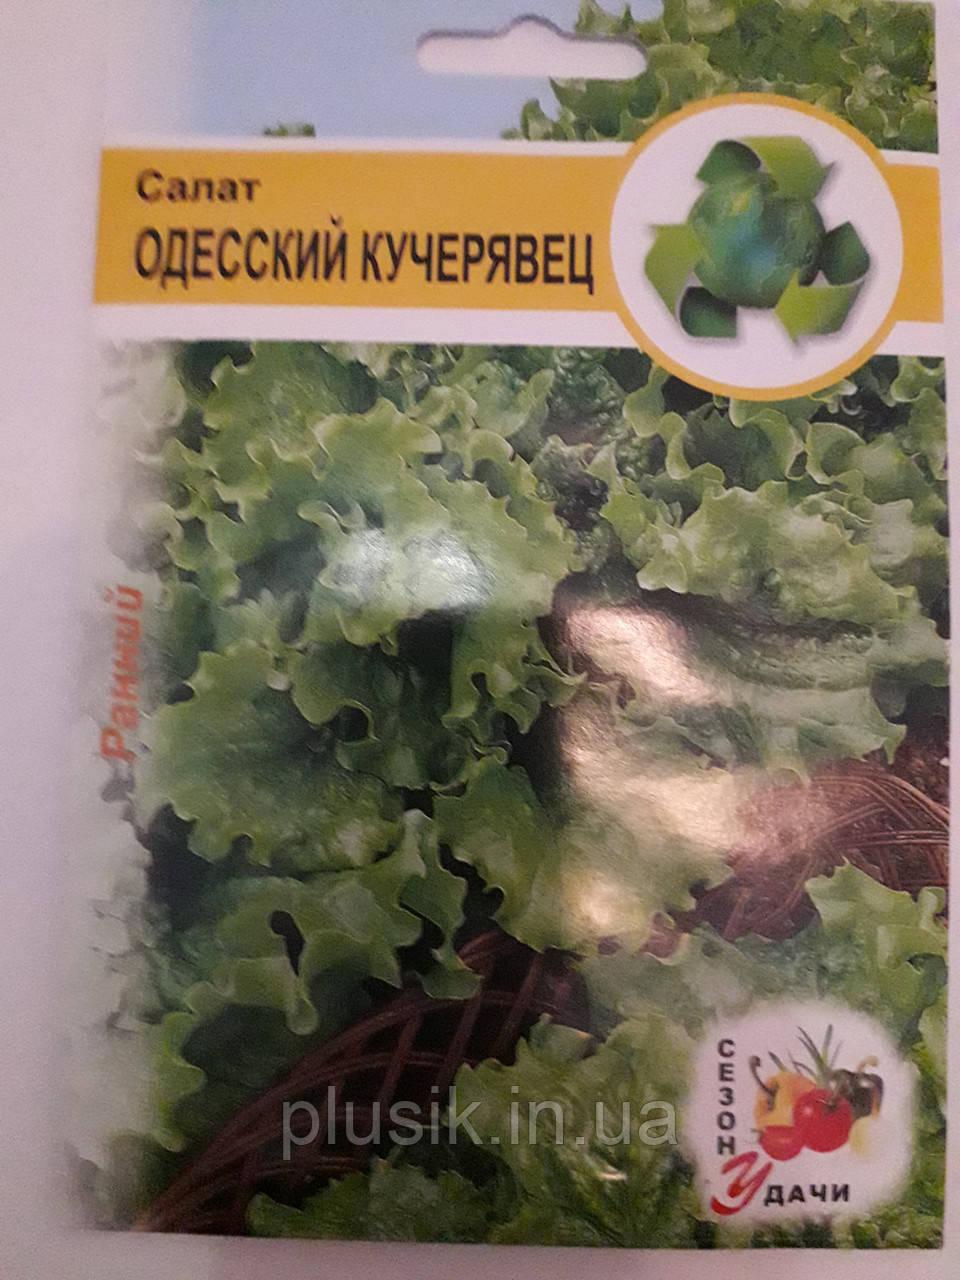 Салат Одесский Кучерявец ранний 1 г (минимальный заказ 25 пачек)